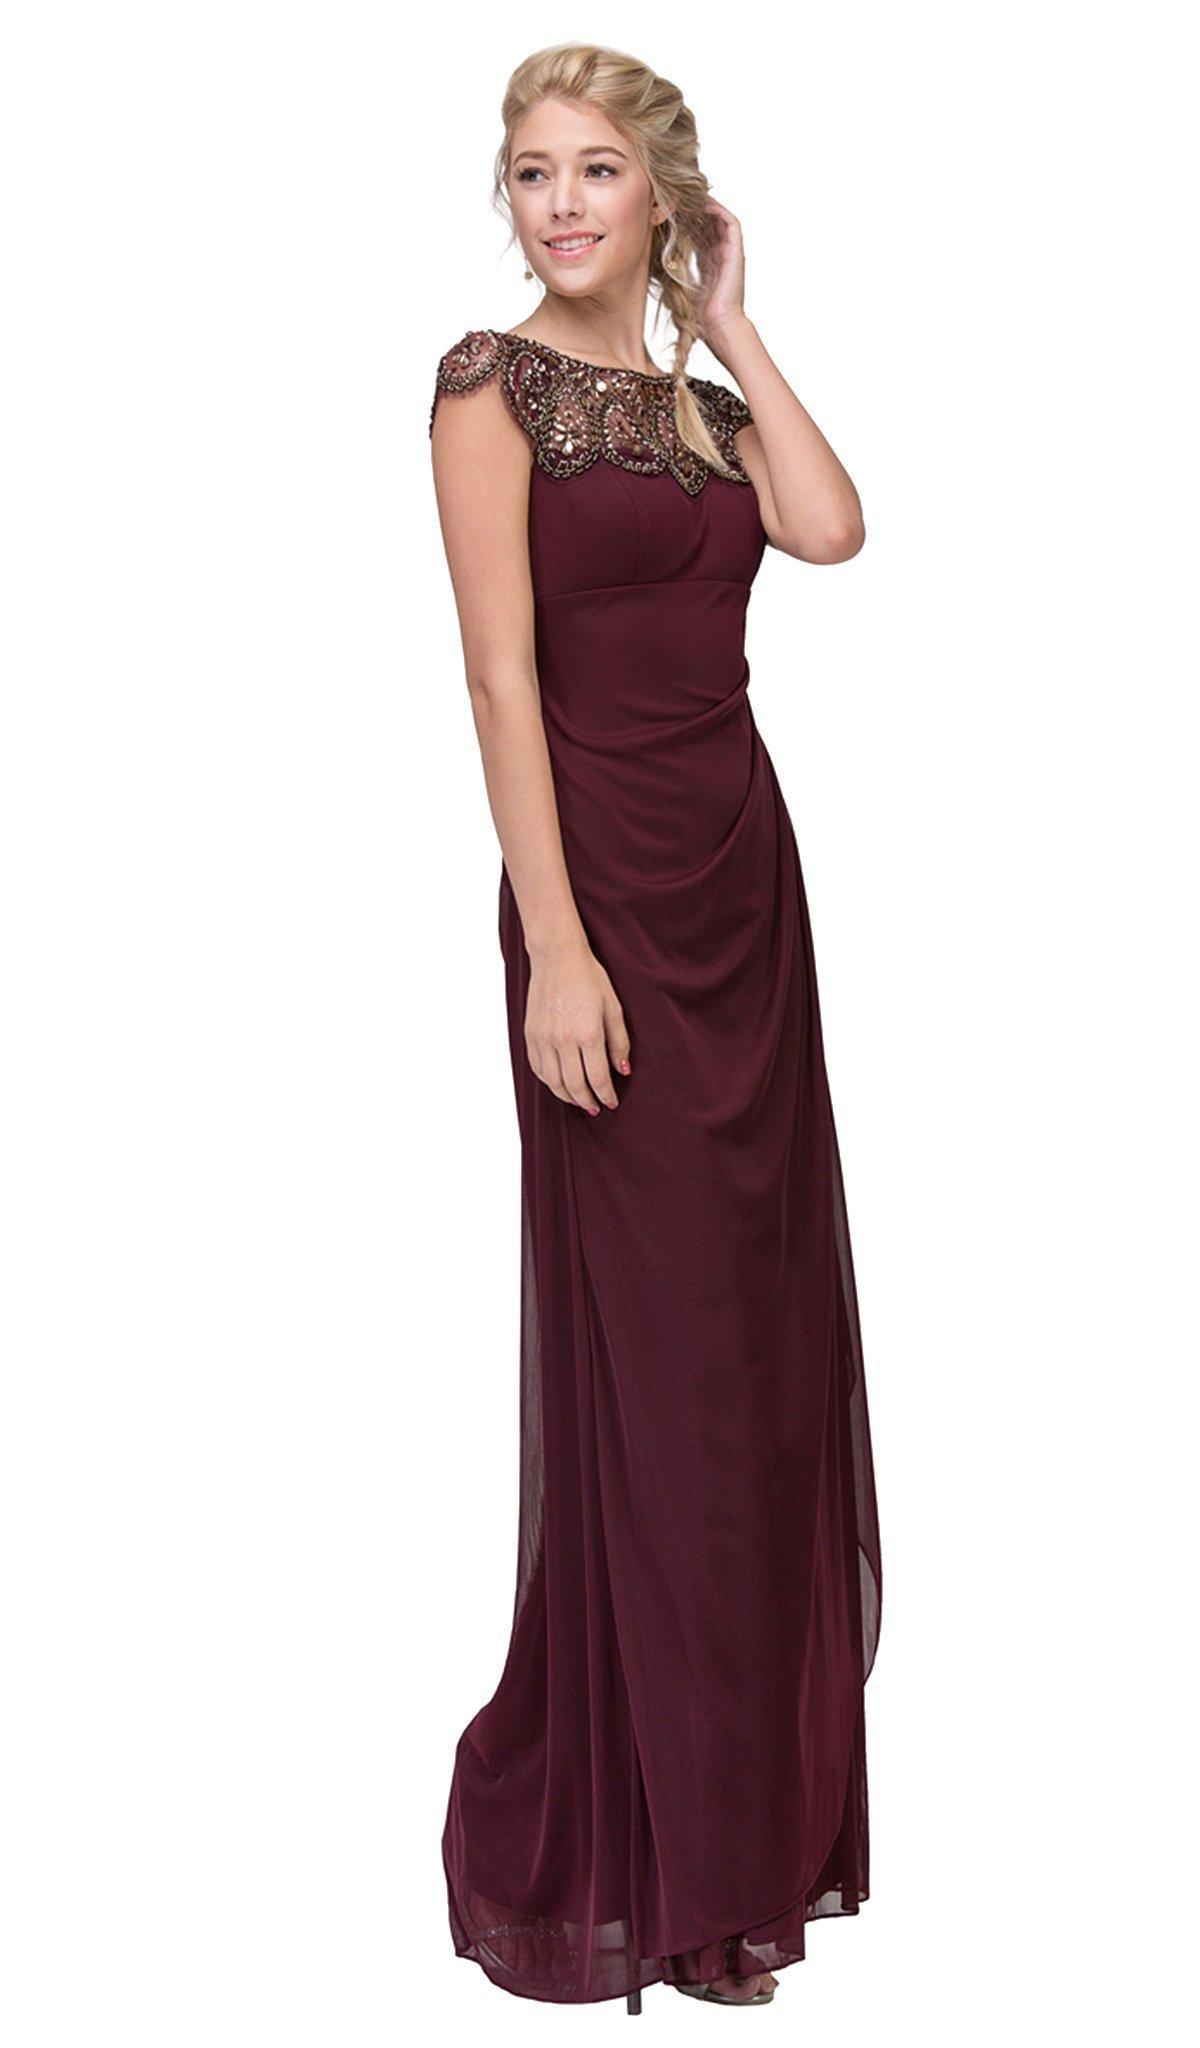 Eureka Fashion - Teardrop Beaded Illusion Bateau Sheath Evening Gown